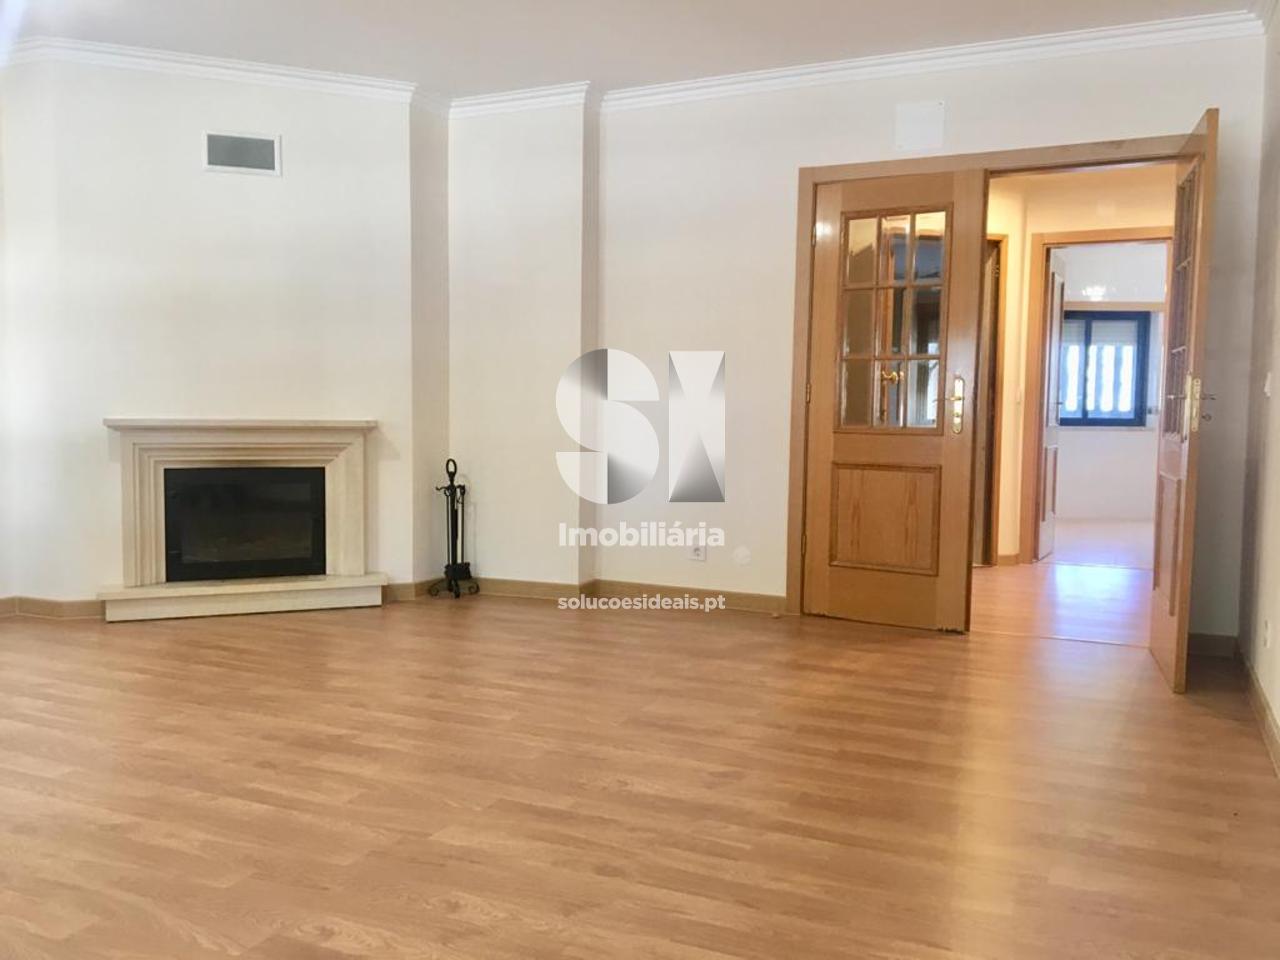 apartamento t3 para compra em barreiro uniao das freguesias de alto do seixalinho santo andre e verderena SXLSS800